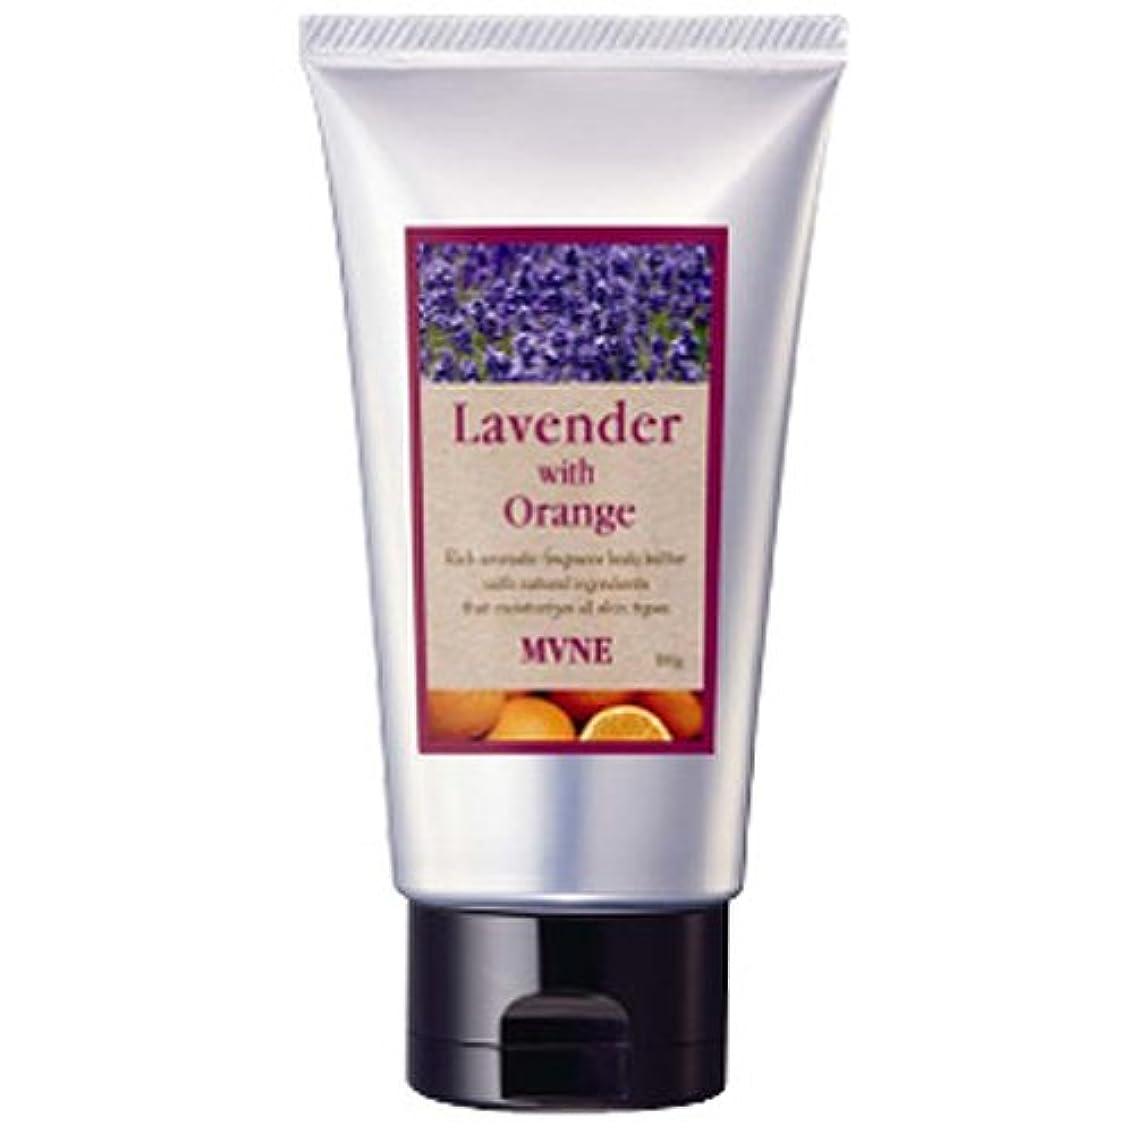 葡萄嫌な鎮痛剤MVNE ボディバター ラベンダーwithオレンジ 100g